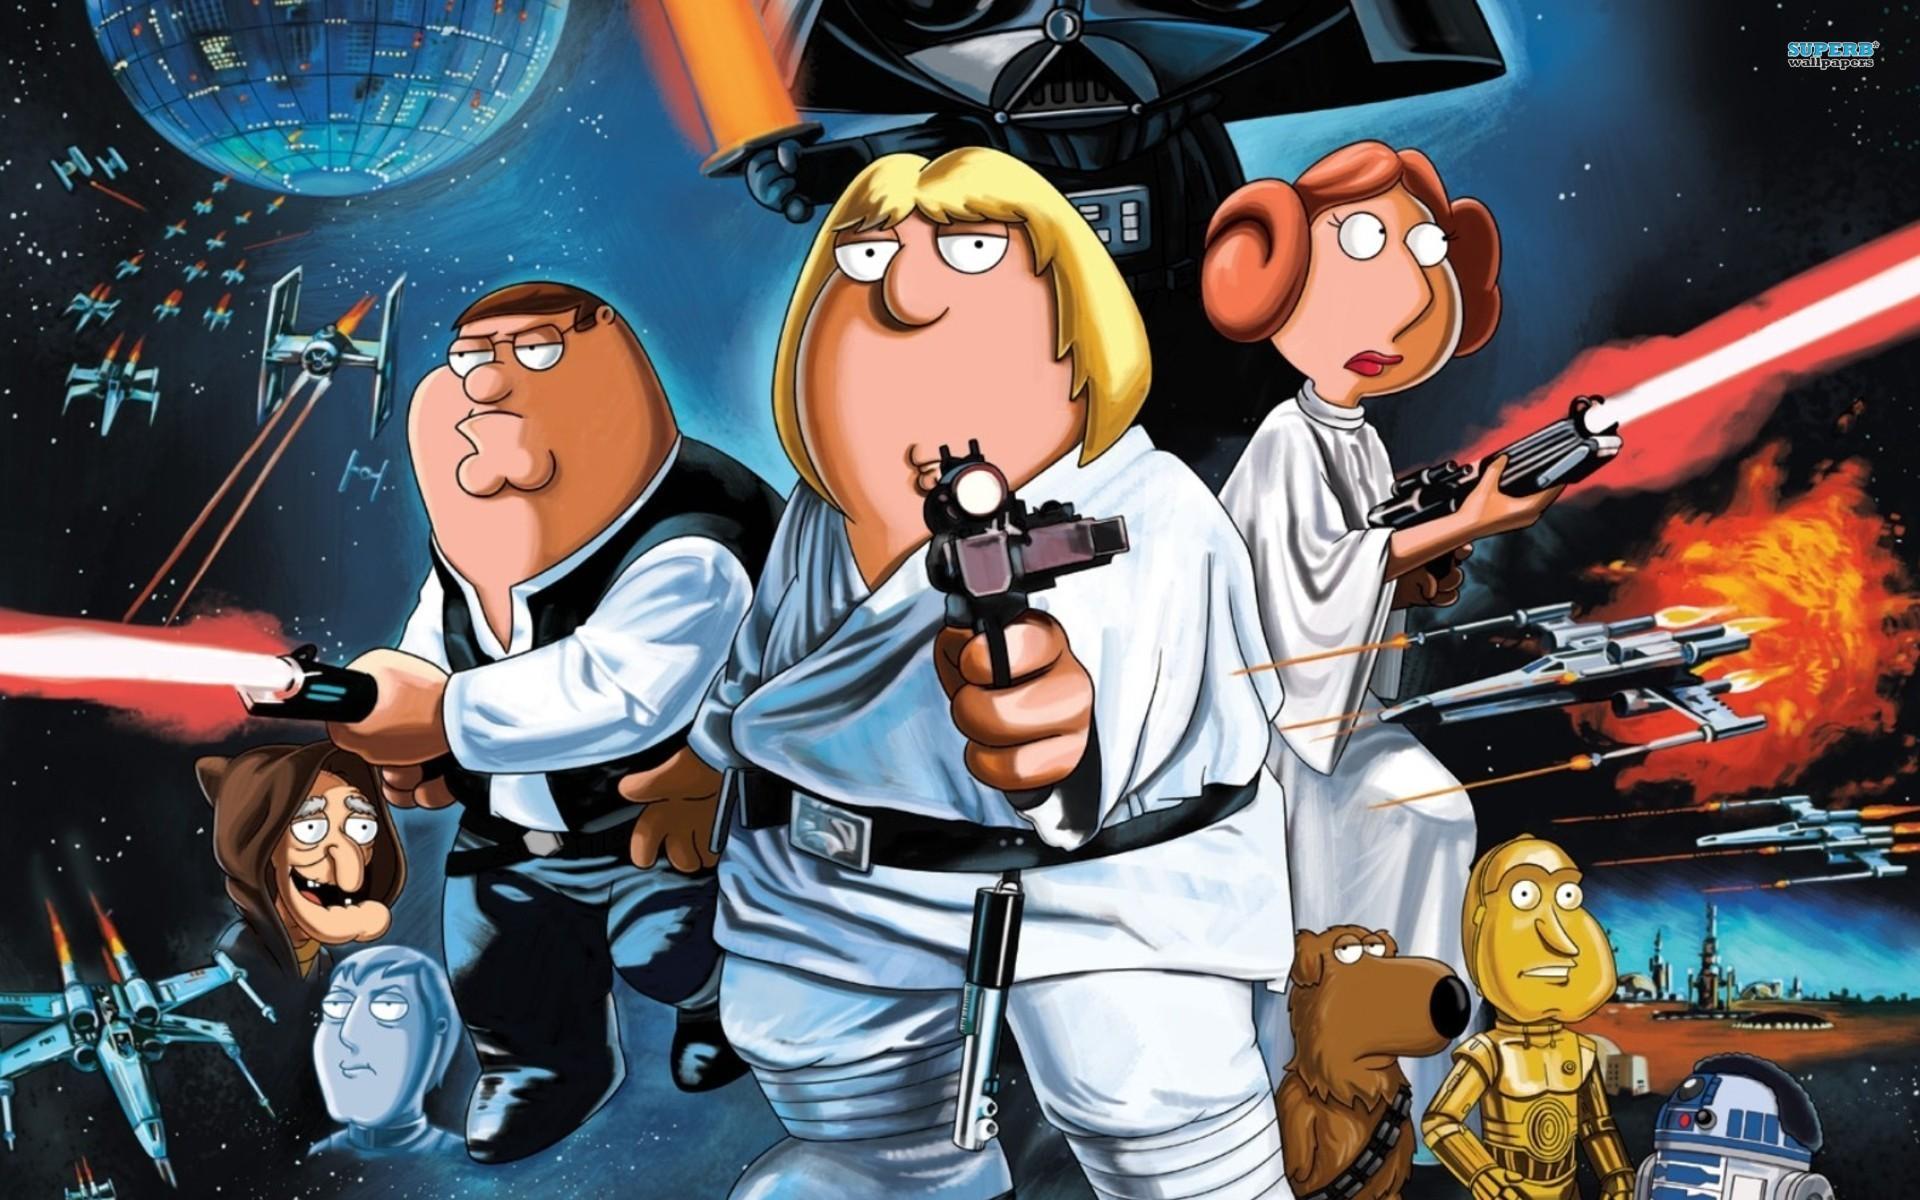 Family Guy Christmas Wallpaper - WallpaperSafari